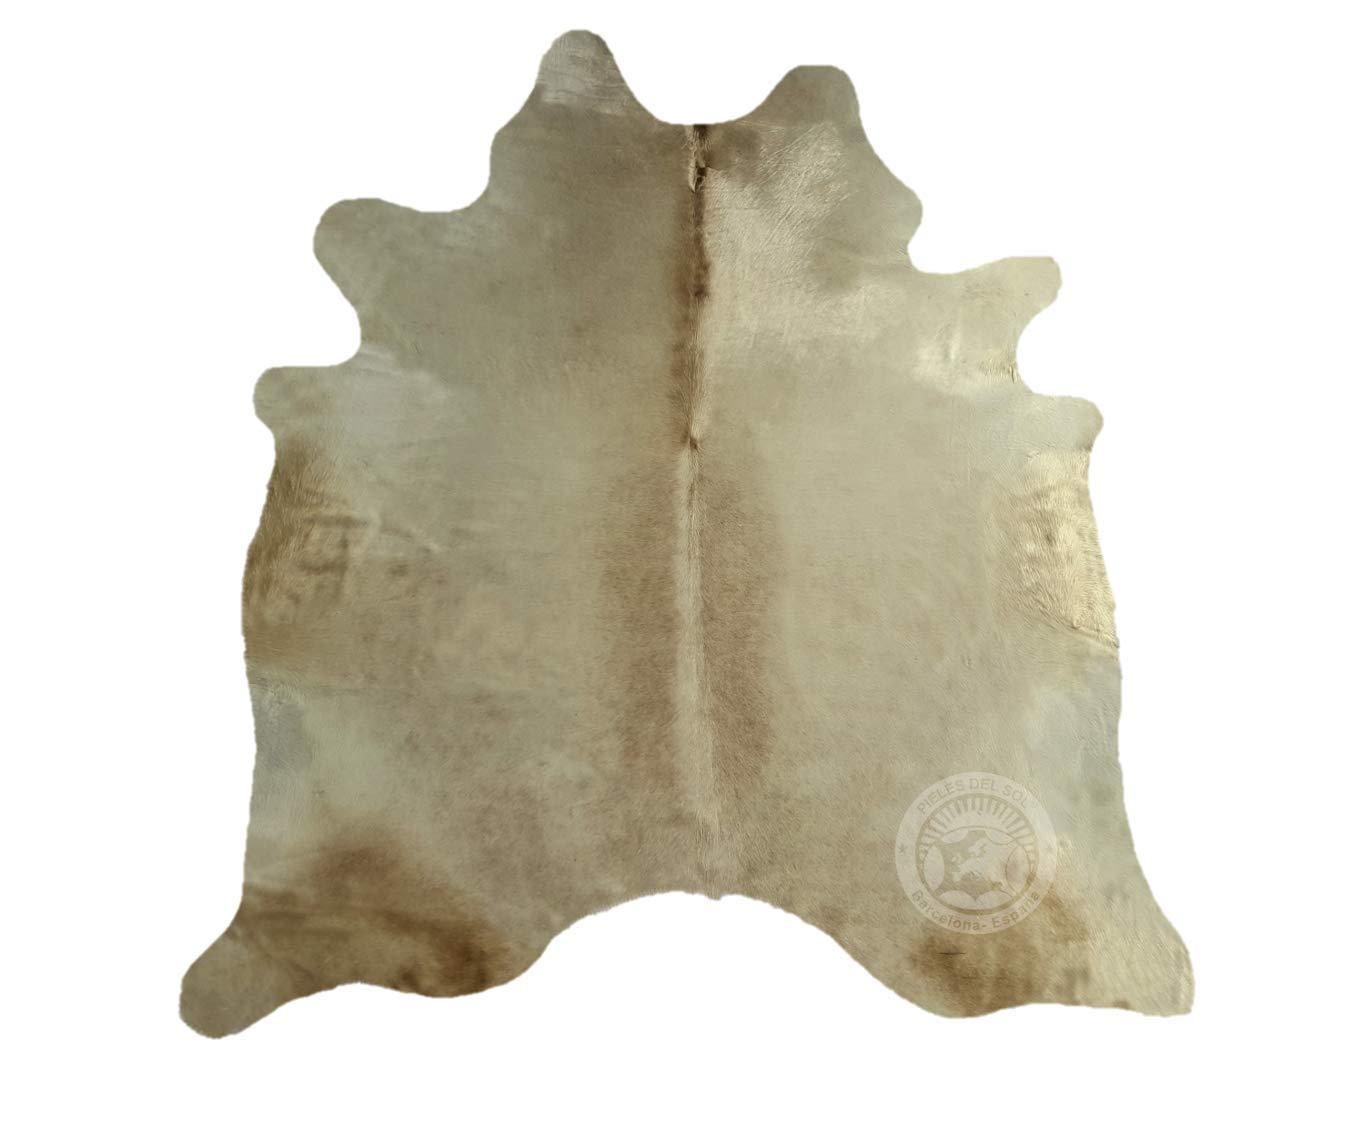 Teppich aus Kuhfell, Farbe  Beige Creme Creme Creme , Größe circa 180 x 210 cm, Premium - Qualität von Pieles del Sol aus Spanien B01EM8XIOK Teppiche 6c5759